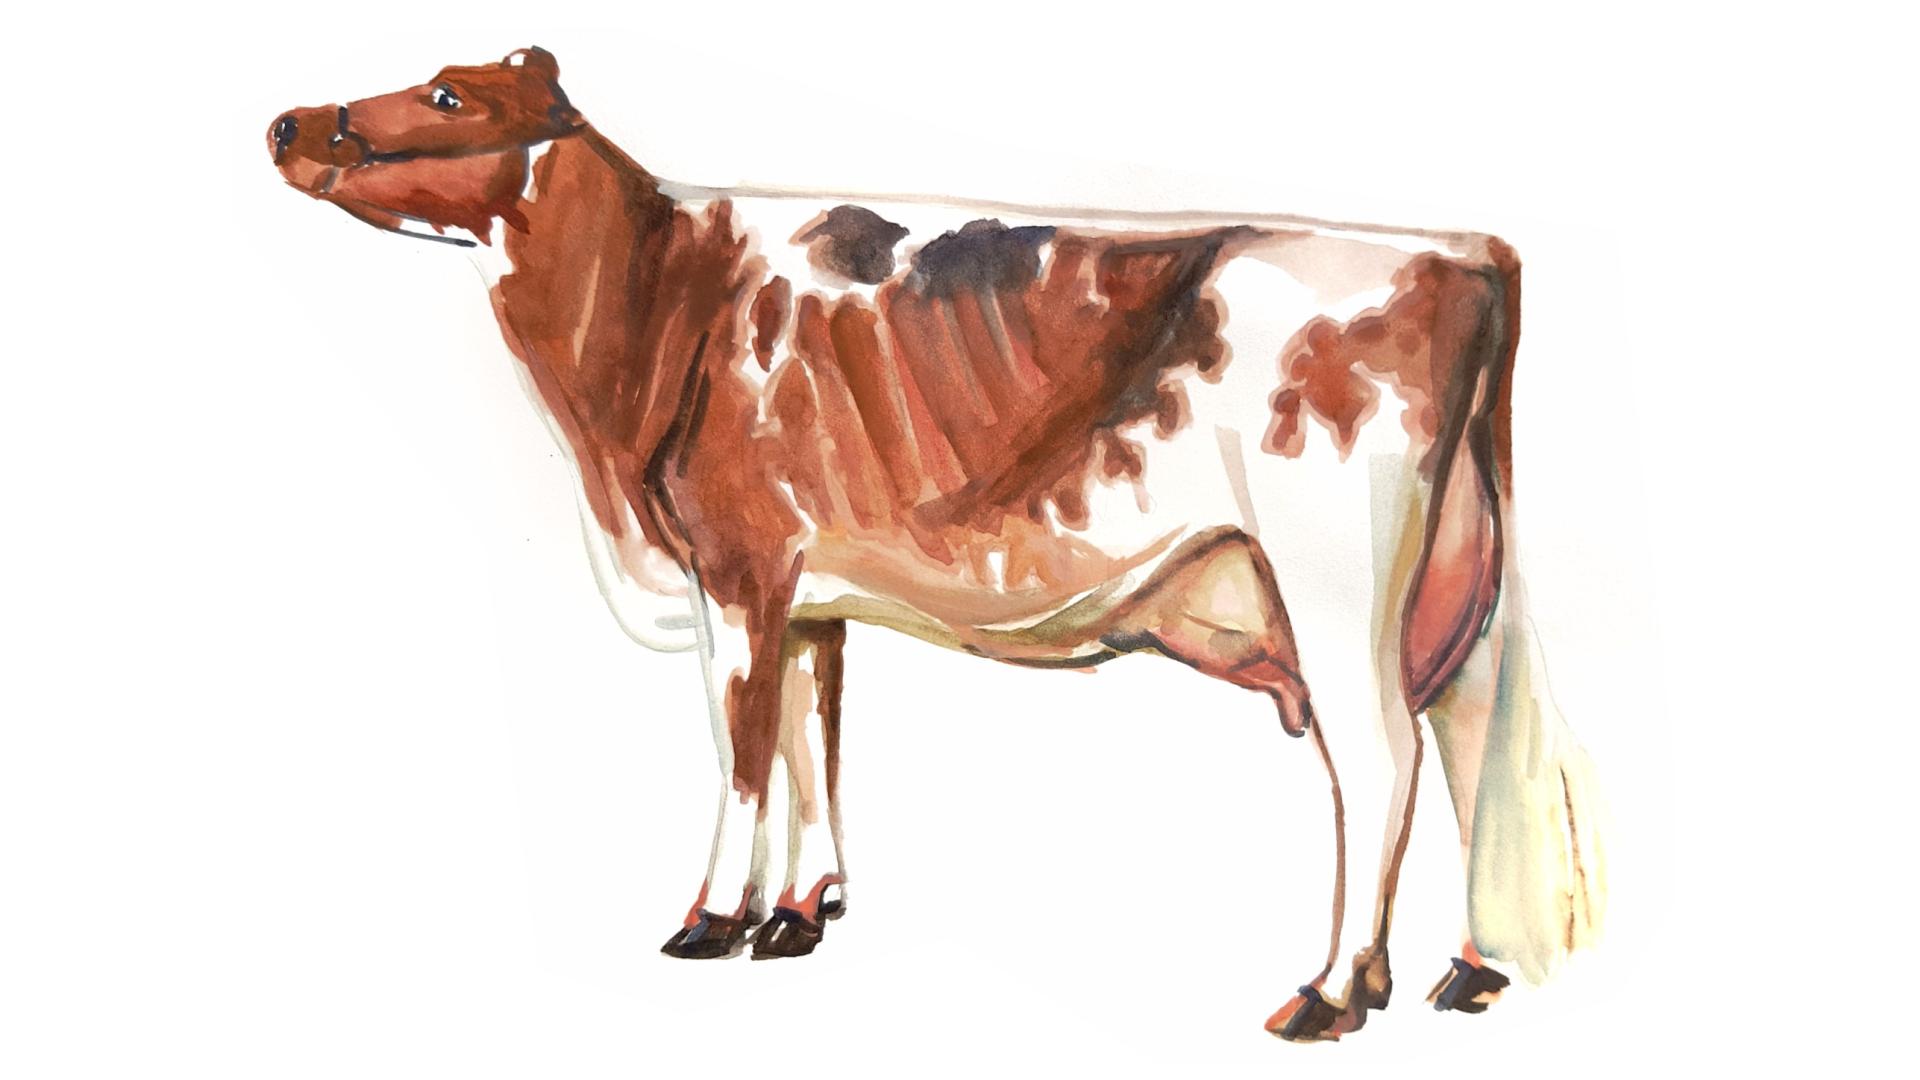 Айрширская порода коров